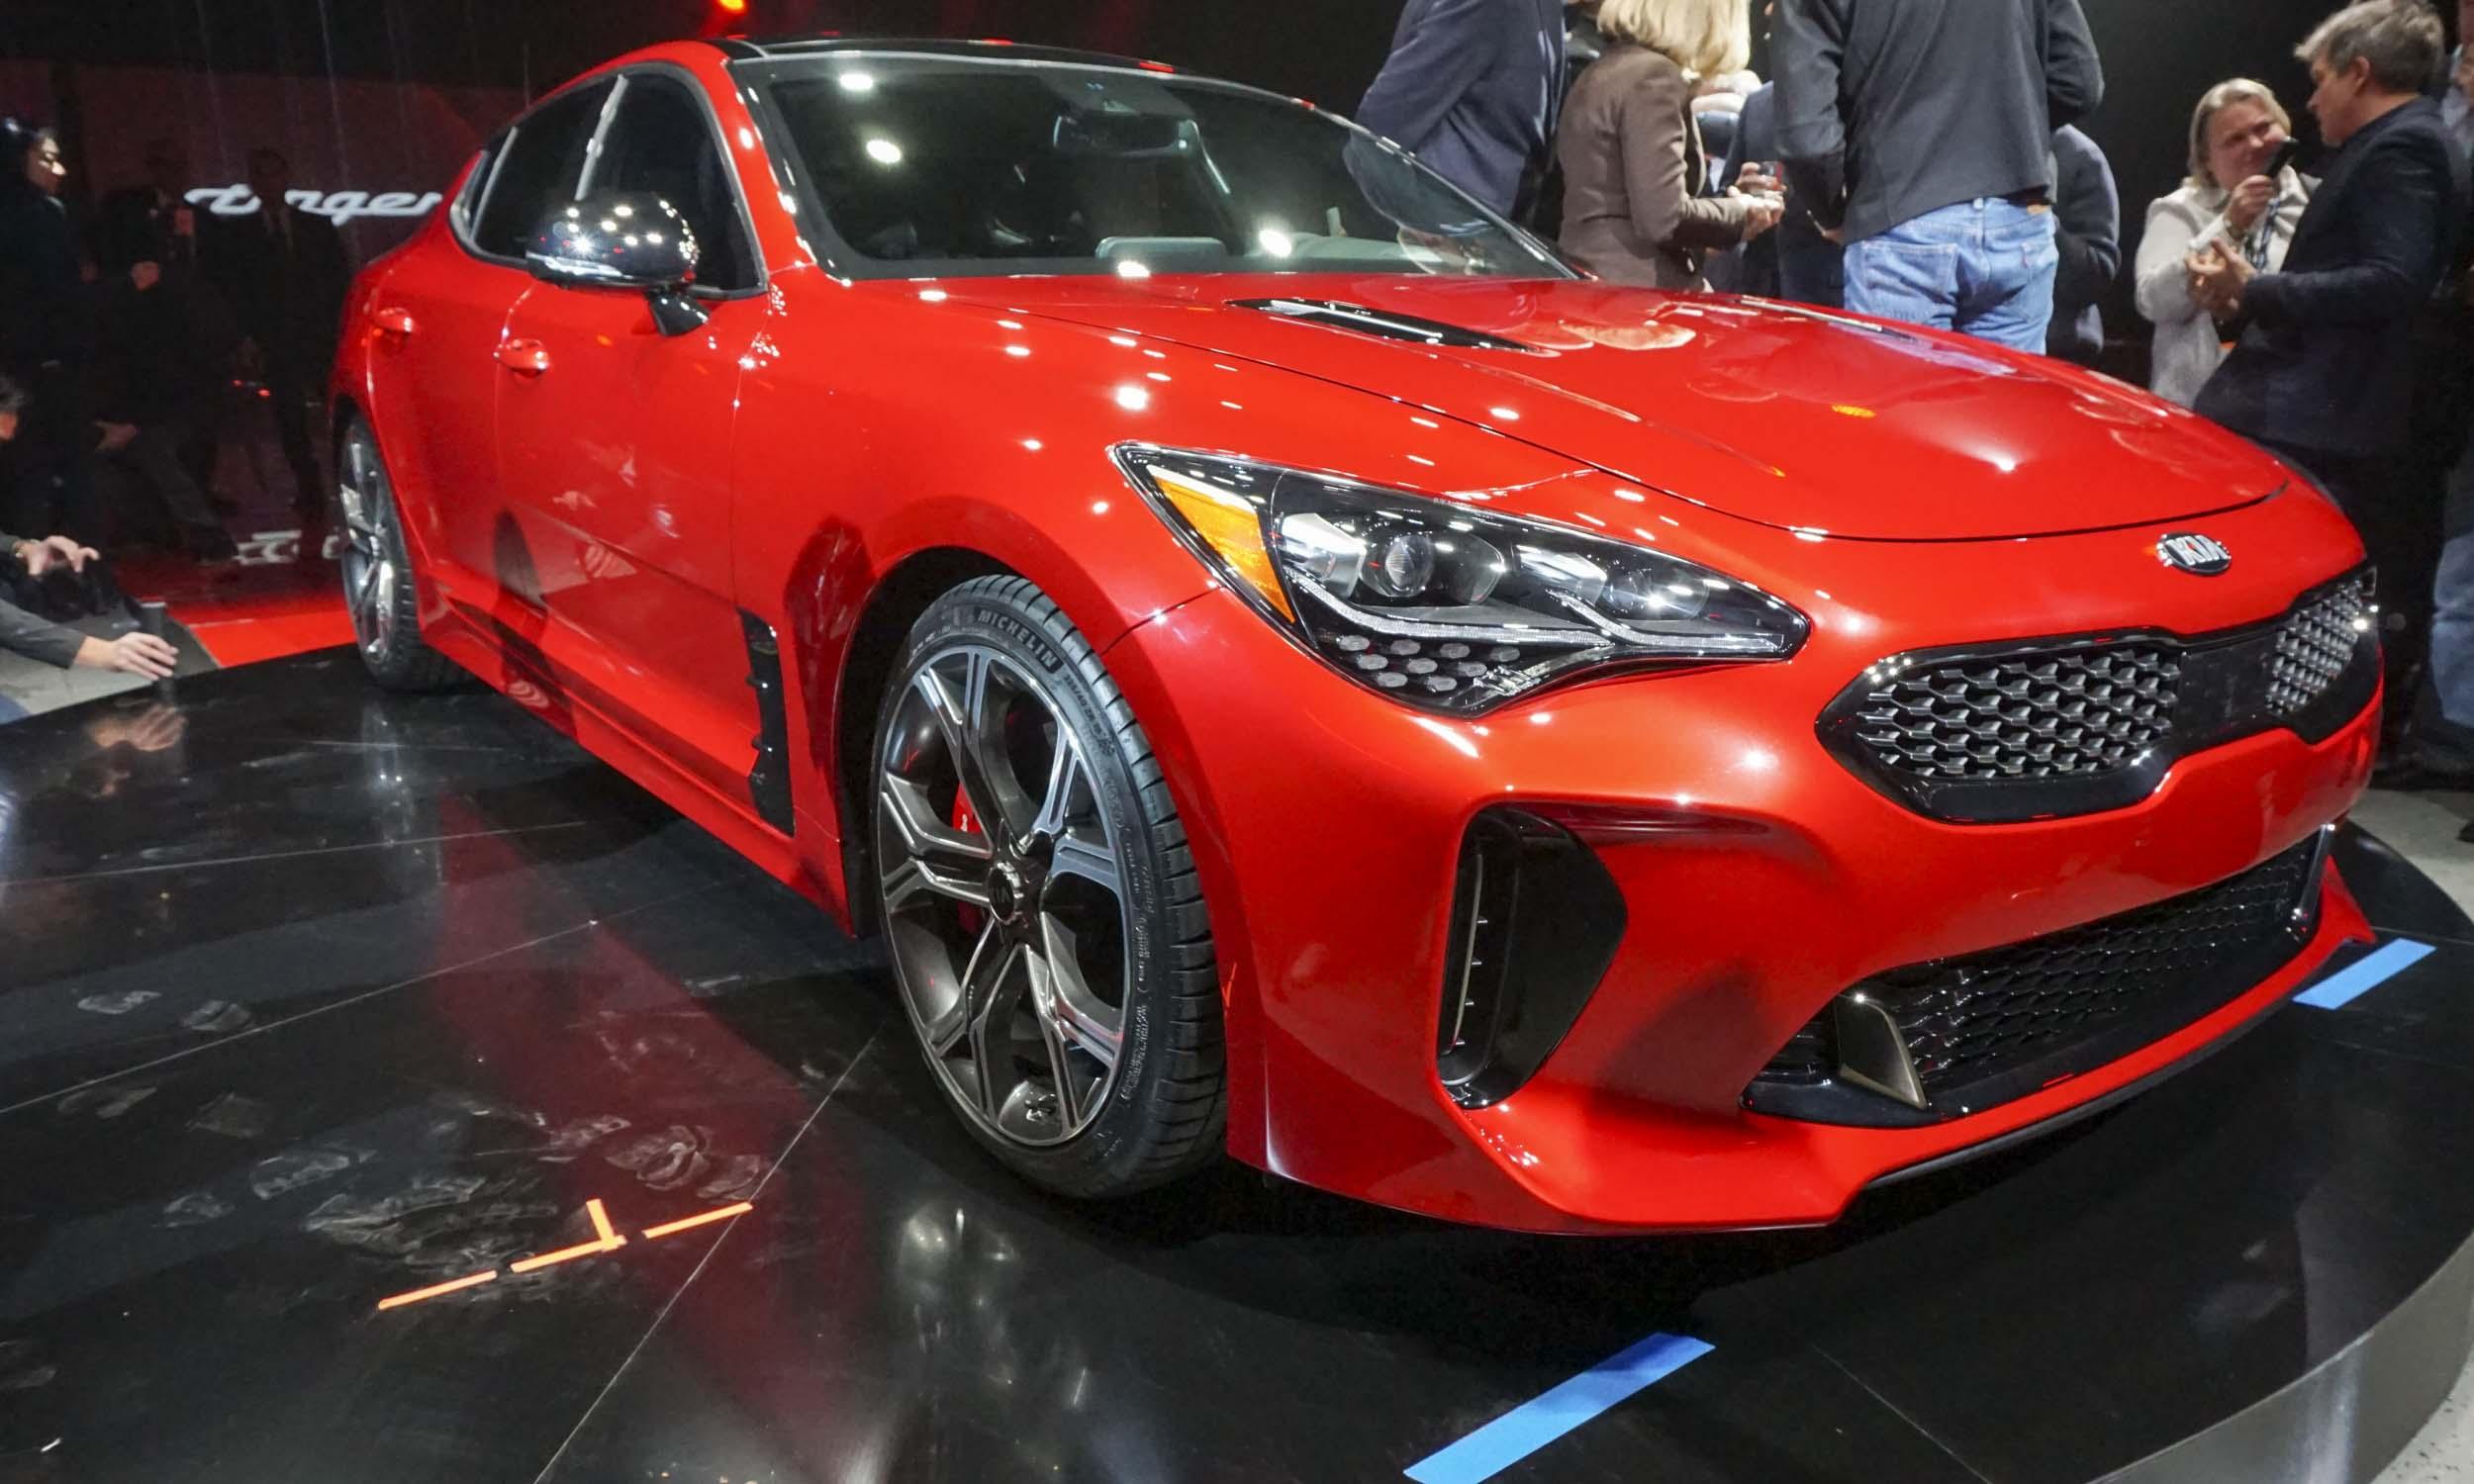 Detroit Auto Show Kia Stinger AutoNXT - Kia car show